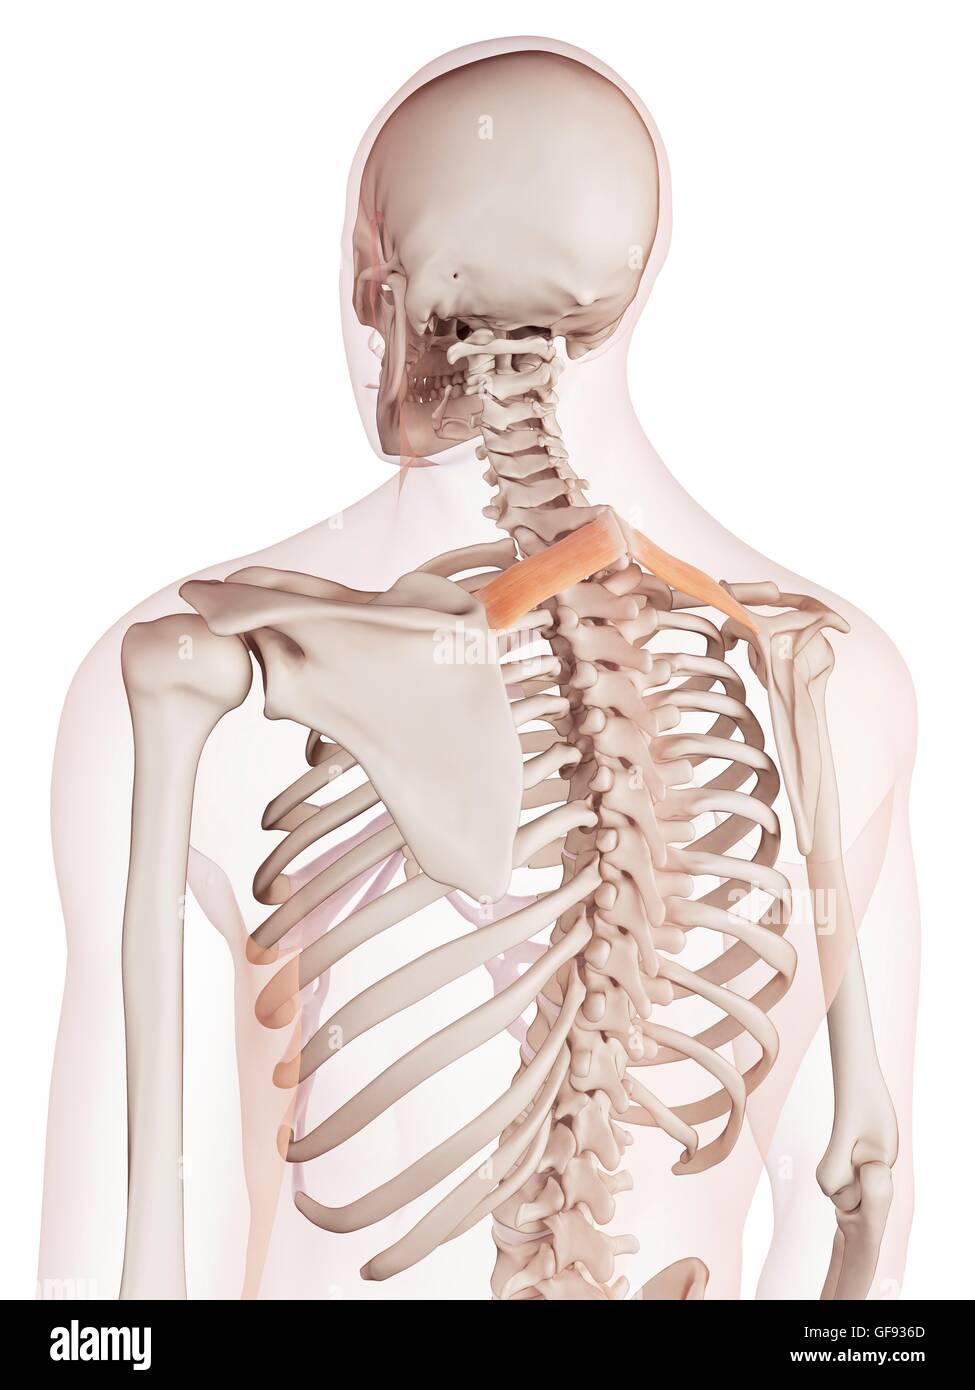 Excelente Diagrama De La Espalda Humana Galería - Imágenes de ...